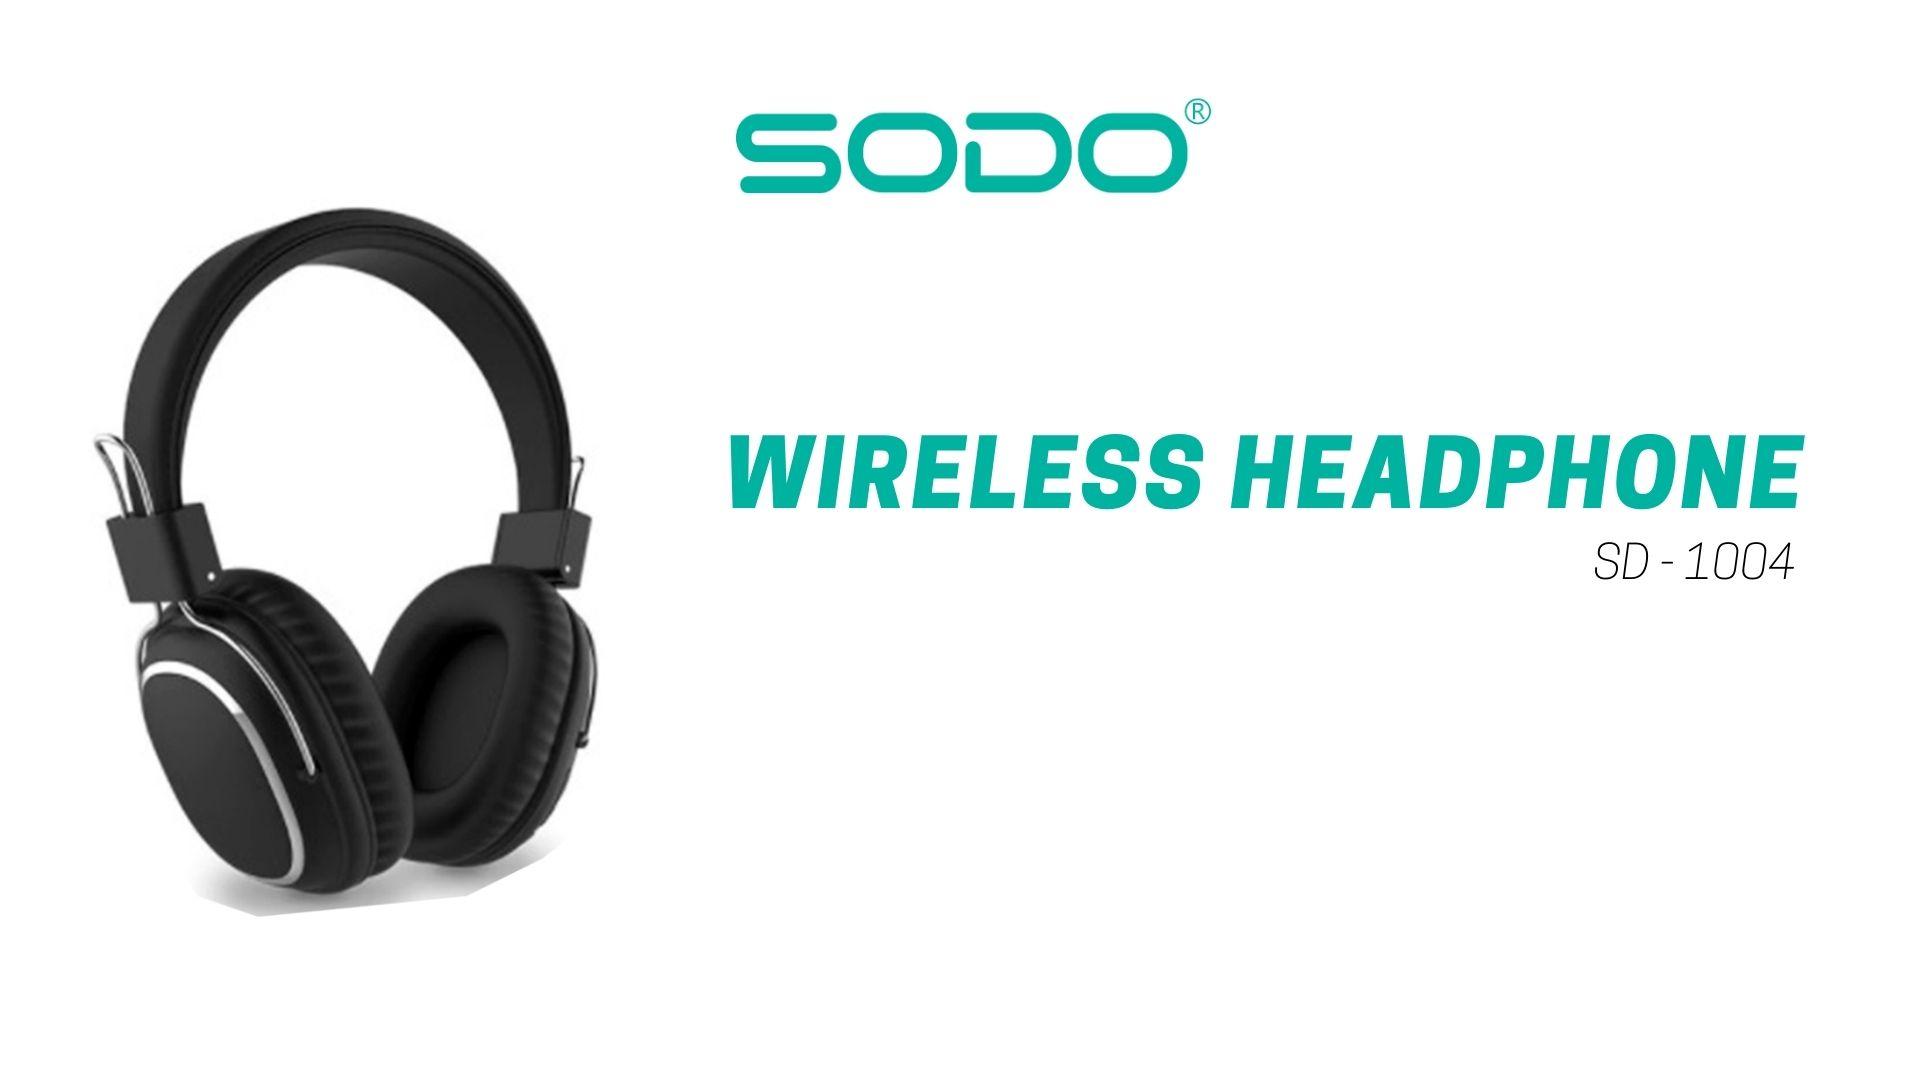 Fone De Ouvido Headset Bluetooth-5.0 1004-Sodo